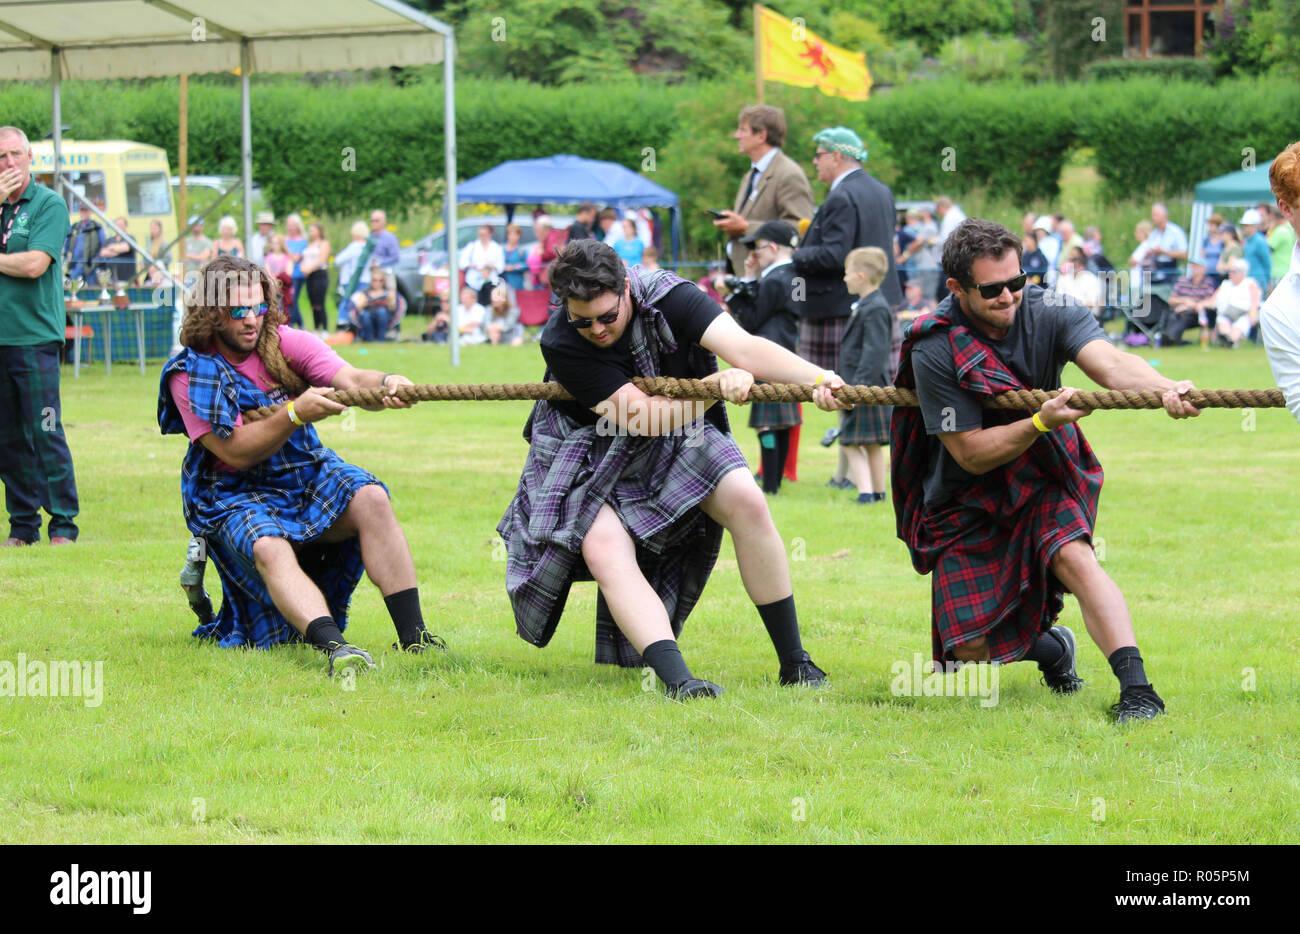 CRIEFF, Escocia, el 21 de julio de 2018: miembros del público tomar parte en la 'Tug of War' en el evento cerca de Highland Games Lochearnhead Crieff en Escocia. Imagen De Stock